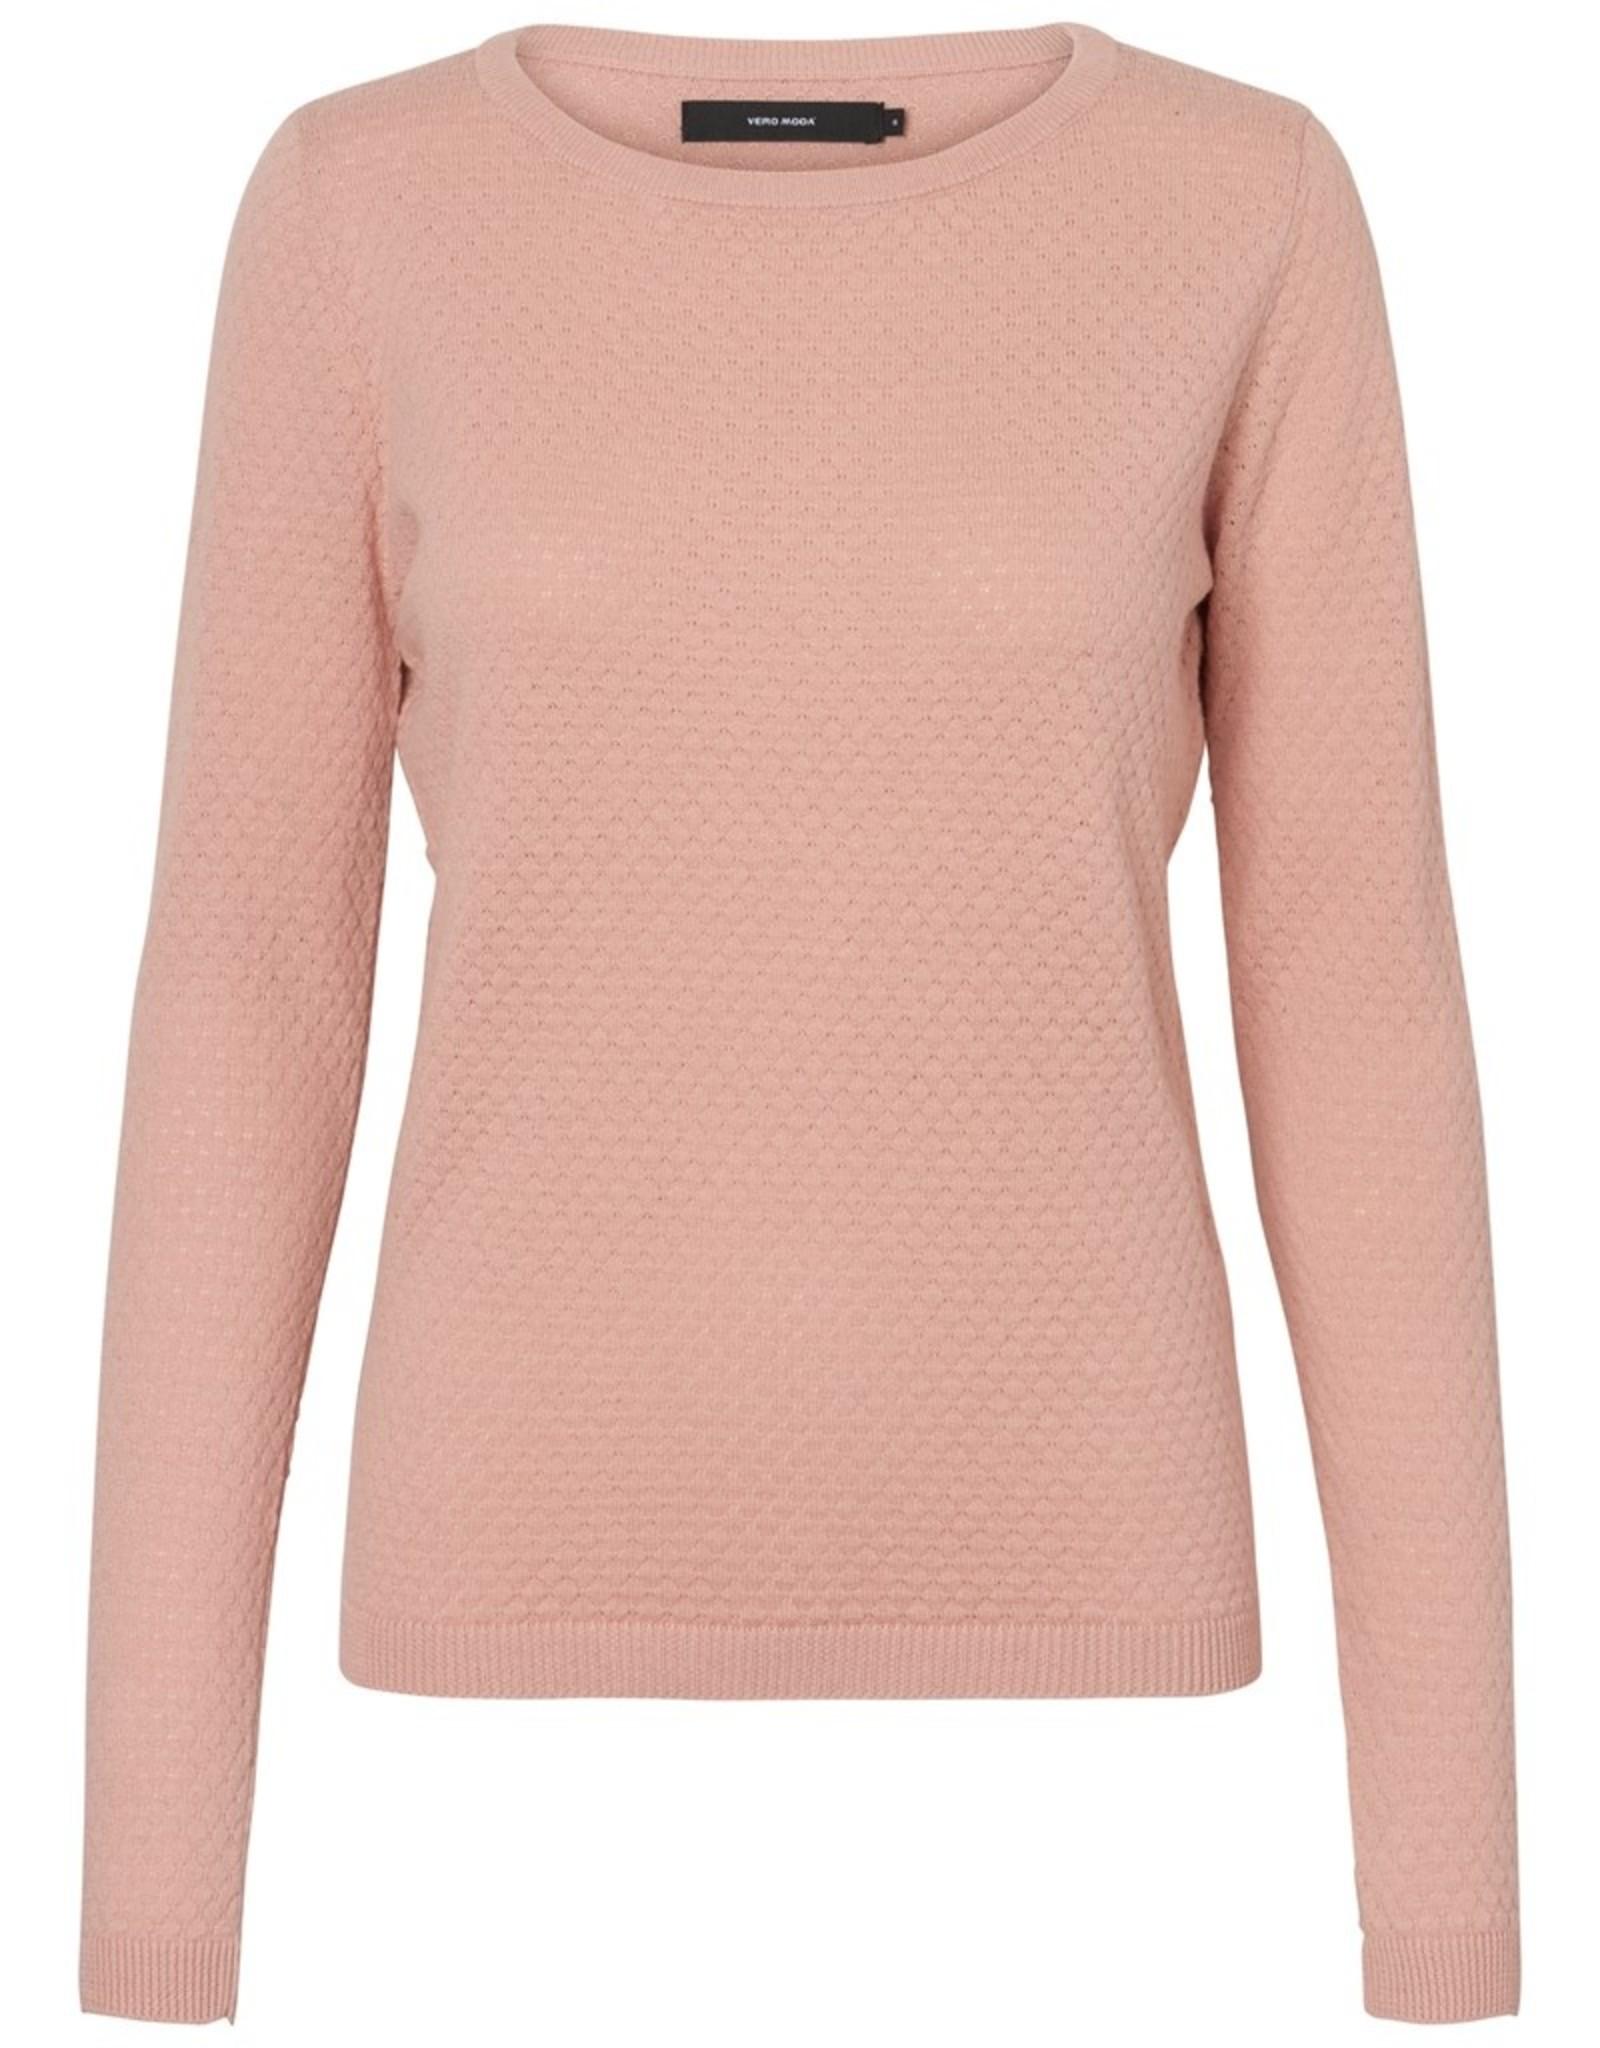 Vero Moda Care Sweater Misty Rose